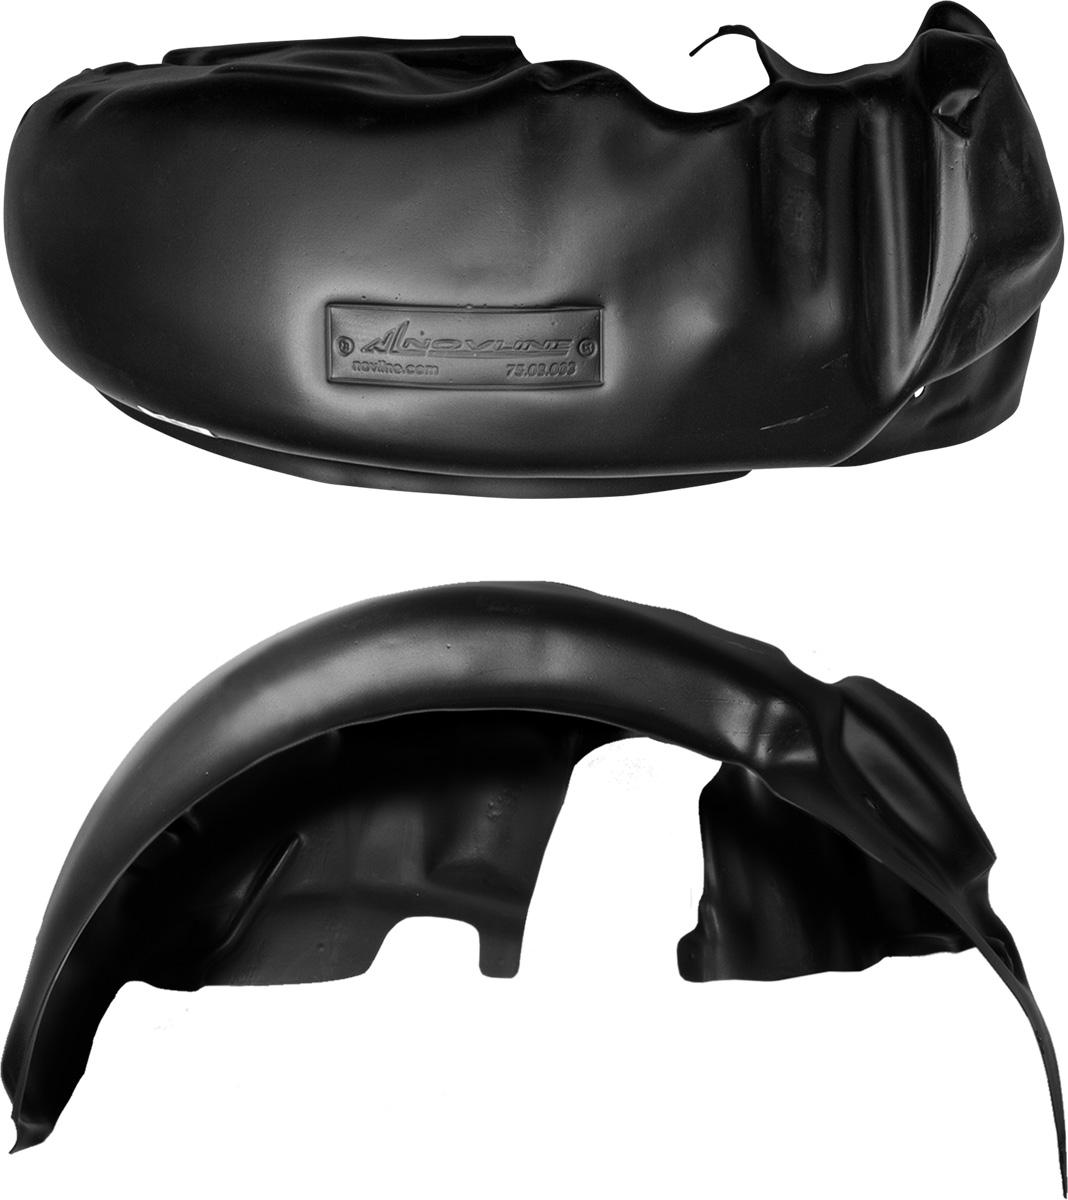 Подкрылок DAEWOO Gentra, 2013->, задний левыйNLL.11.10.003Колесные ниши – одни из самых уязвимых зон днища вашего автомобиля. Они постоянно подвергаются воздействию со стороны дороги. Лучшая, почти абсолютная защита для них - специально отформованные пластиковые кожухи, которые называются подкрылками, или локерами. Производятся они как для отечественных моделей автомобилей, так и для иномарок. Подкрылки выполнены из высококачественного, экологически чистого пластика. Обеспечивают надежную защиту кузова автомобиля от пескоструйного эффекта и негативного влияния, агрессивных антигололедных реагентов. Пластик обладает более низкой теплопроводностью, чем металл, поэтому в зимний период эксплуатации использование пластиковых подкрылков позволяет лучше защитить колесные ниши от налипания снега и образования наледи. Оригинальность конструкции подчеркивает элегантность автомобиля, бережно защищает нанесенное на днище кузова антикоррозийное покрытие и позволяет осуществить крепление подкрылков внутри колесной арки практически без дополнительного...